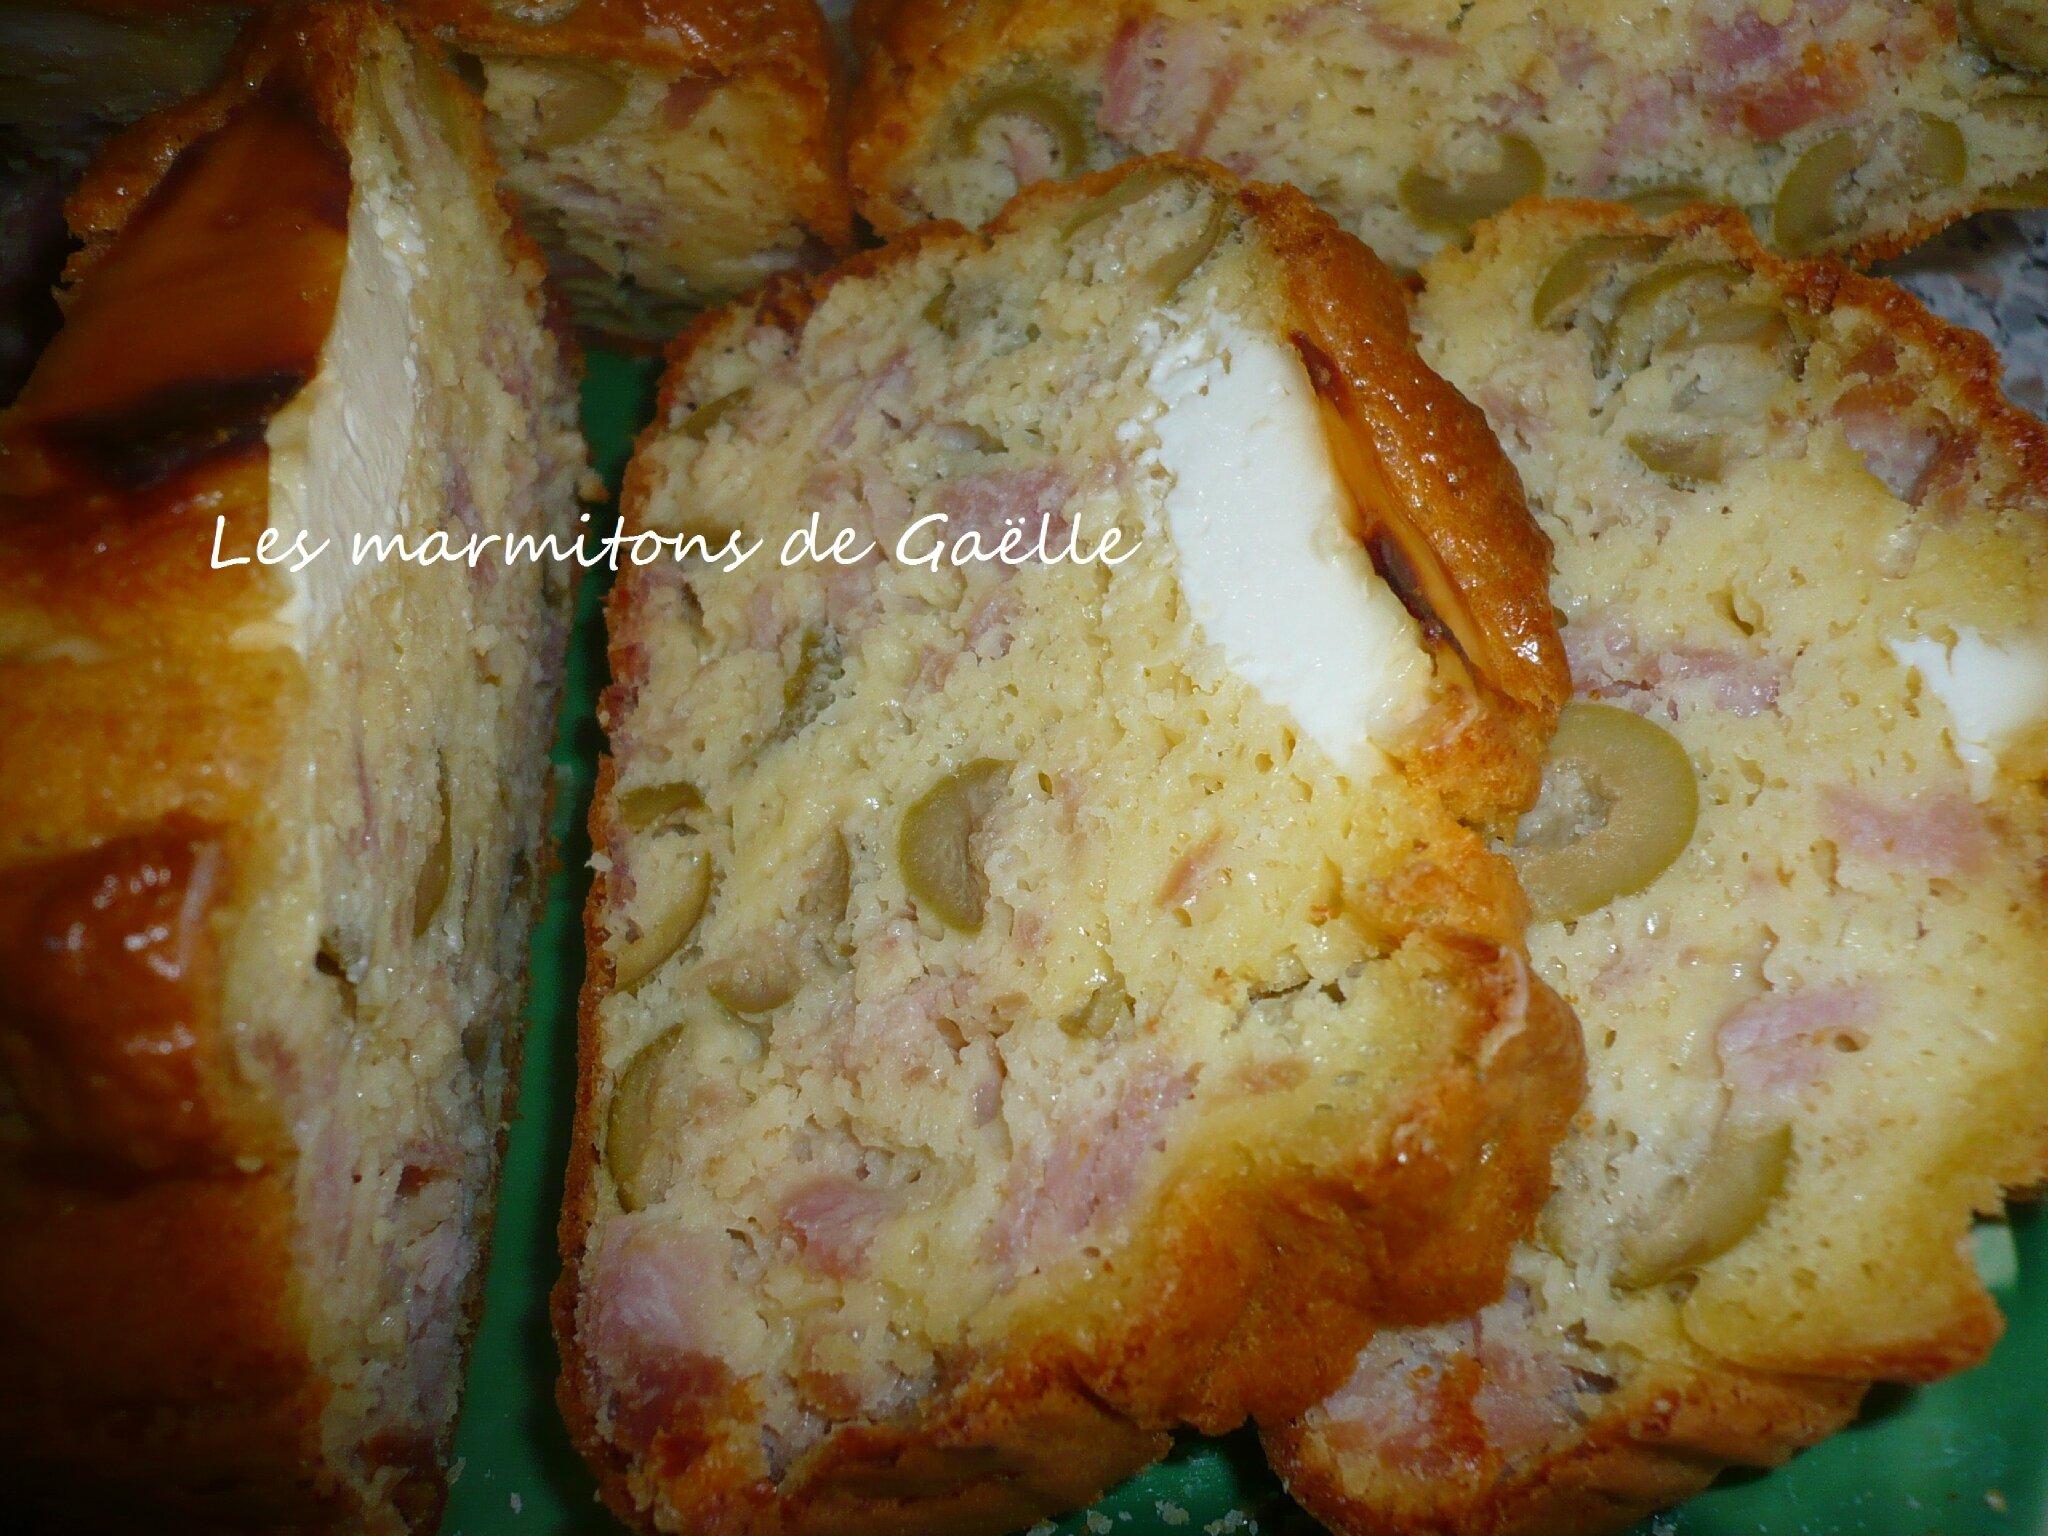 Cake au jambon olives et vache qui rit les marmitons de gaelle - Cake au olive jambon ...